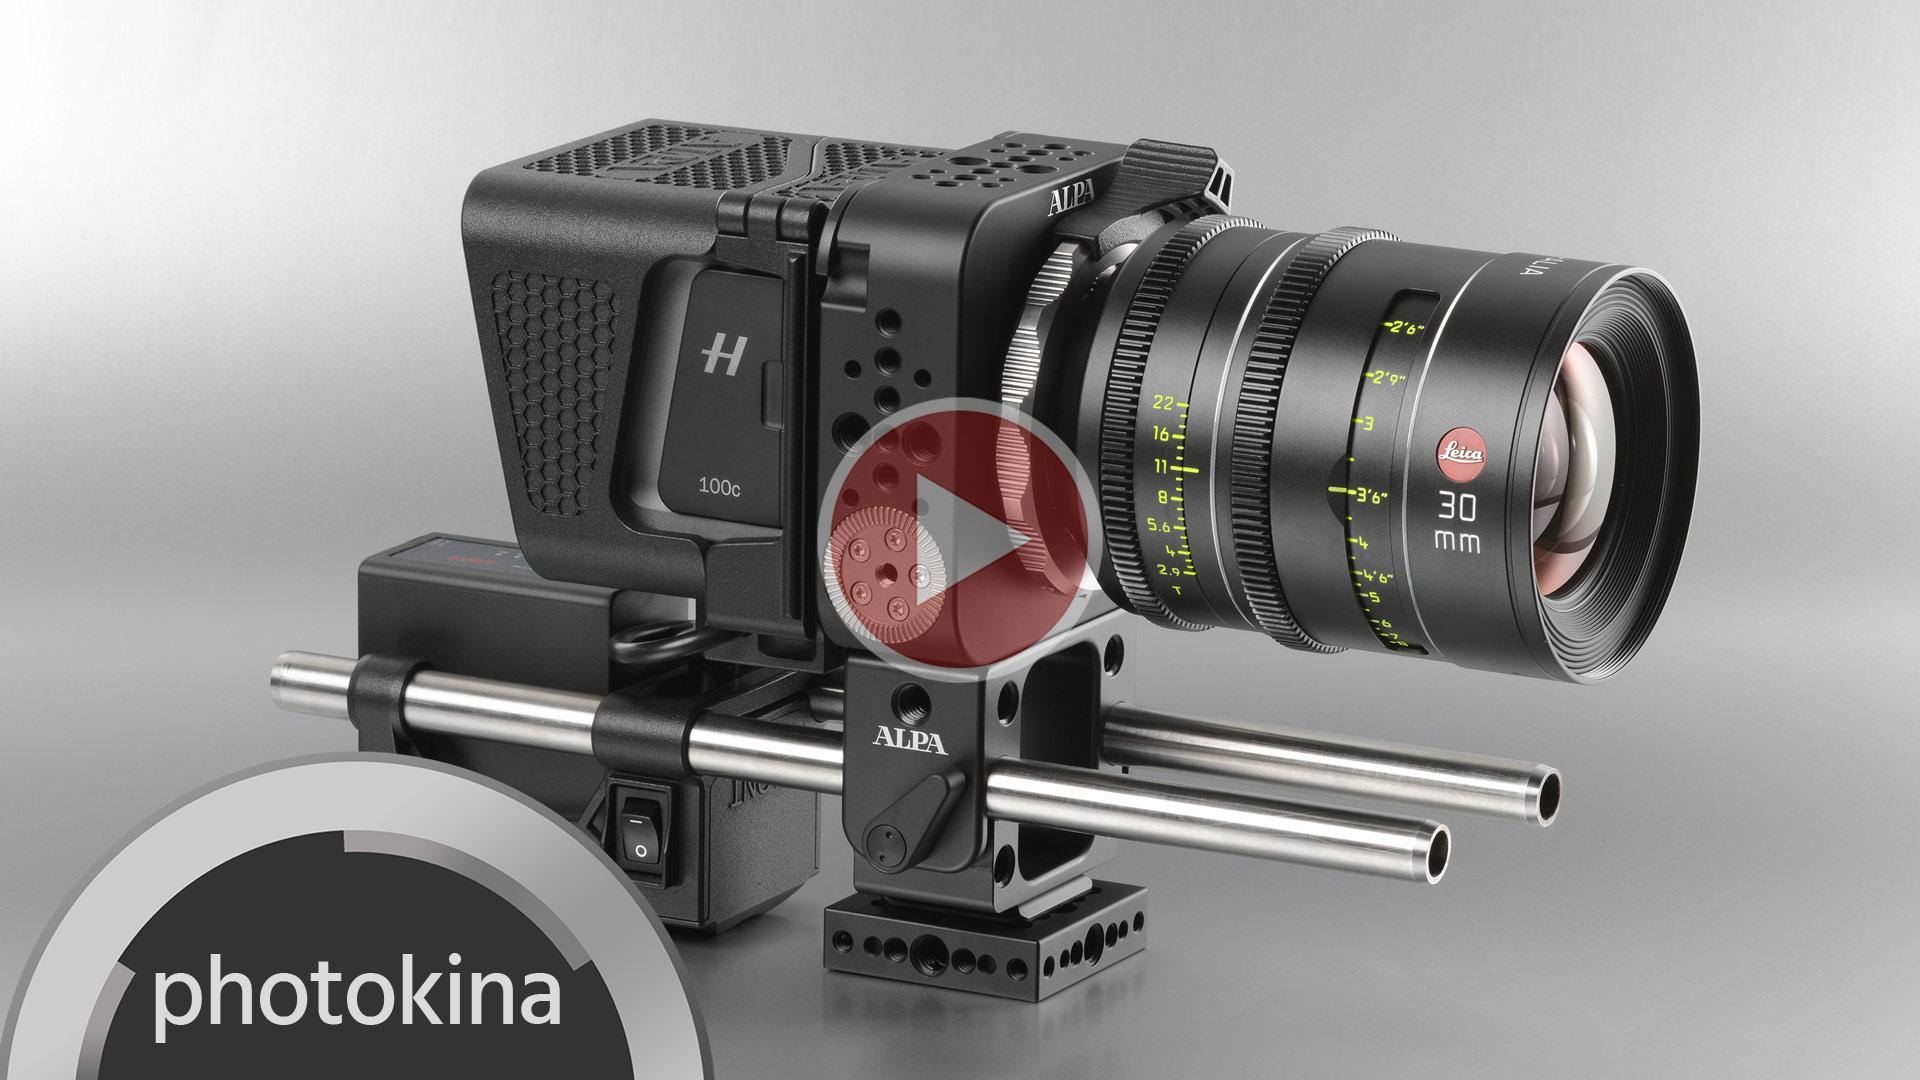 ALPAがPLATONカメラを発表 - ハッセルブラッド対応の中判4K RAWビデオカメラケージ